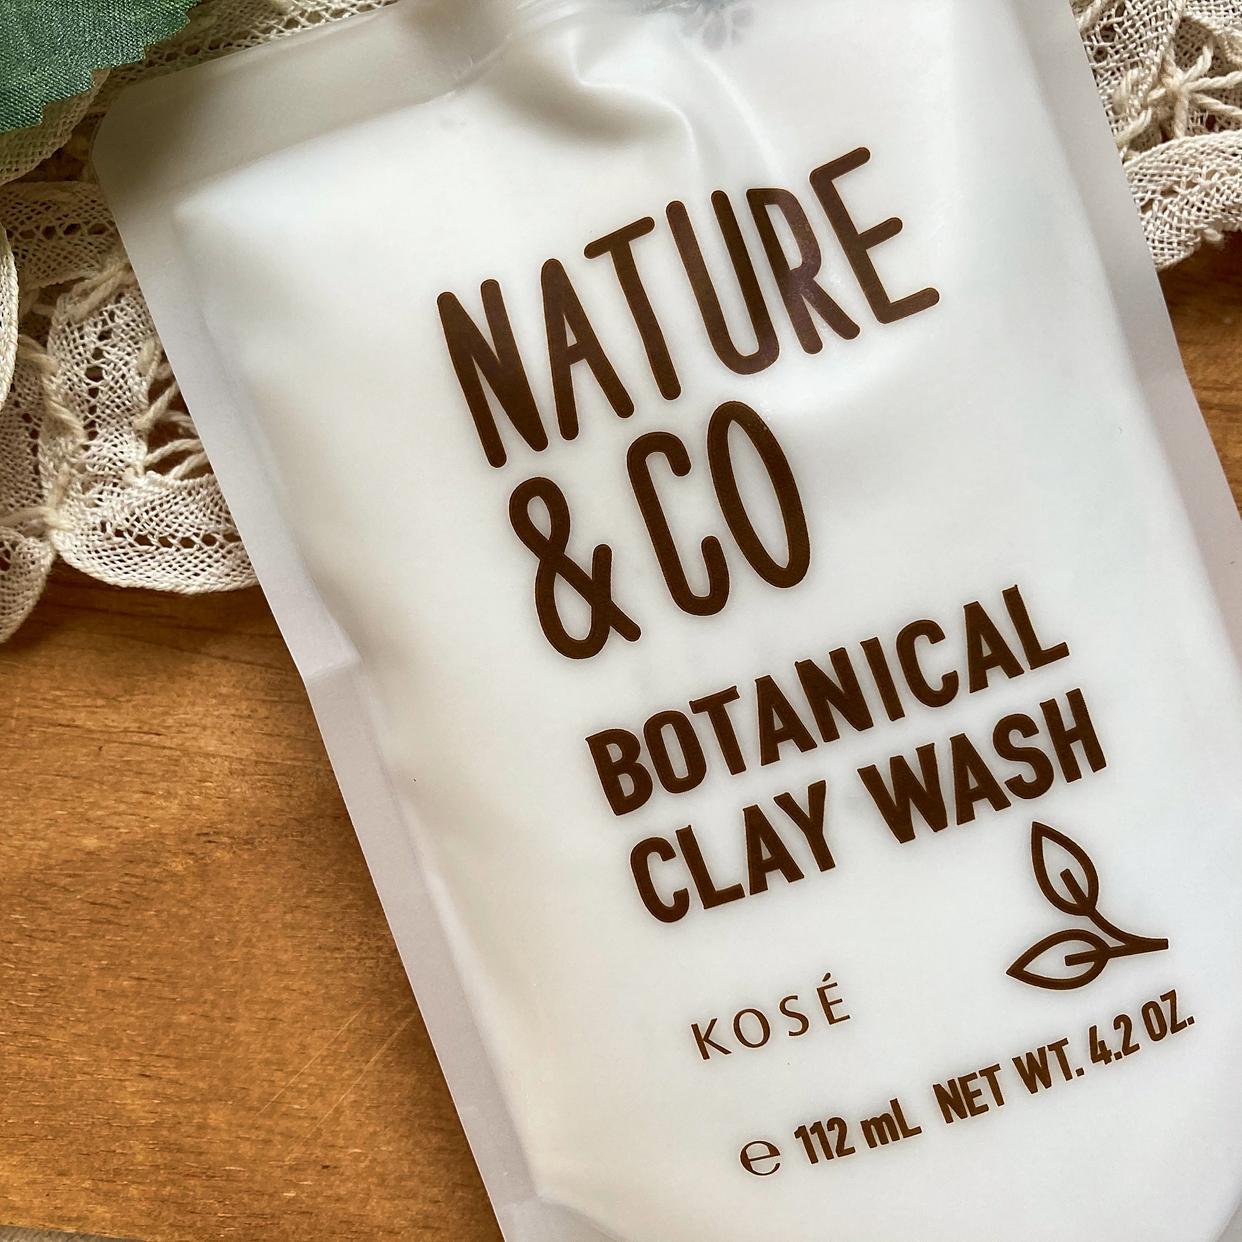 Nature&Co(ネイチャーアンドコー) ボタニカル クレイ ウォッシュを使った梅ちゃんさんのクチコミ画像2